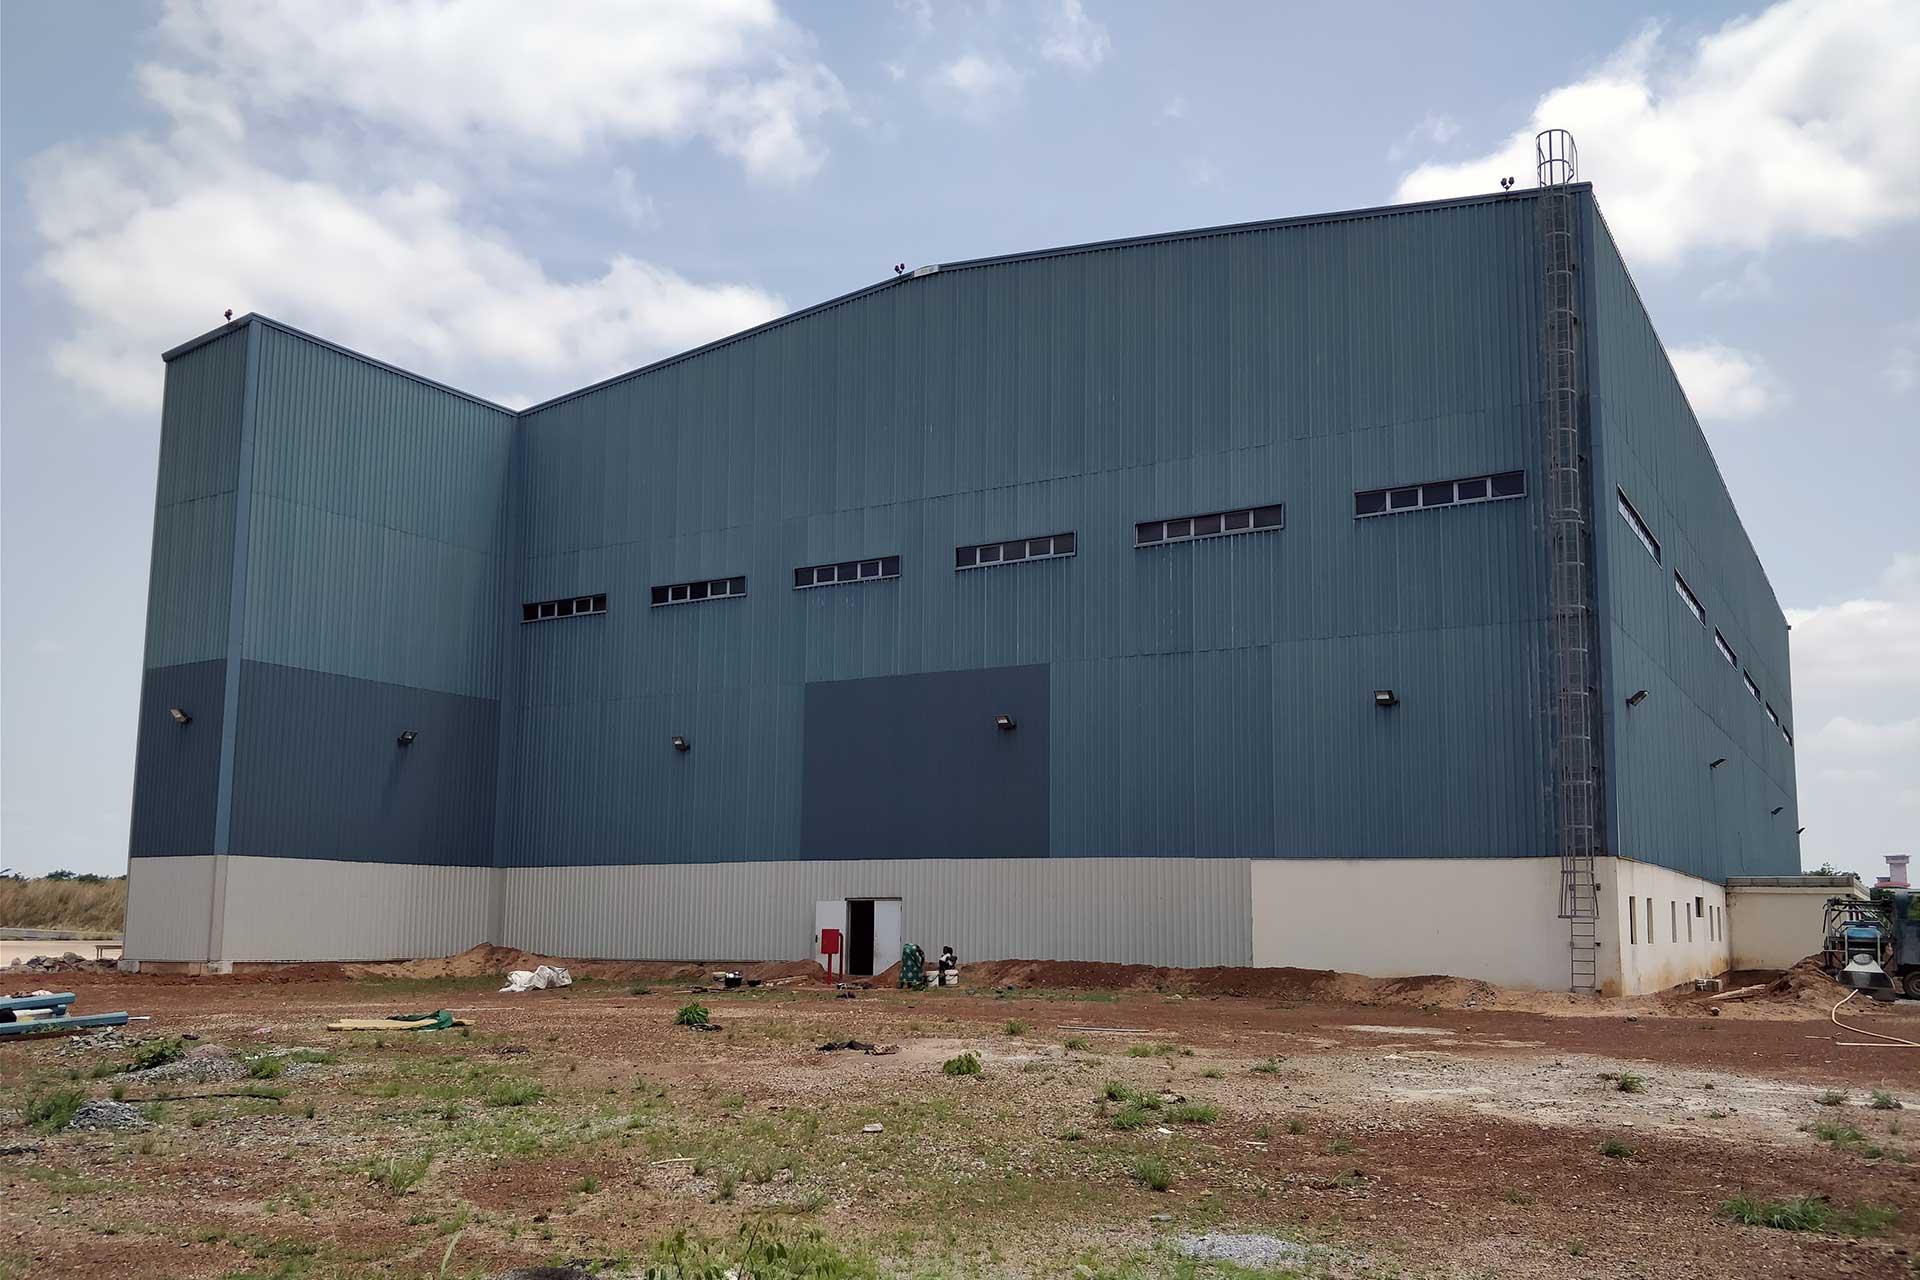 Opere integrative per il completamento di un Hangar presso l'aereoporto di Ilorin in Nigeria